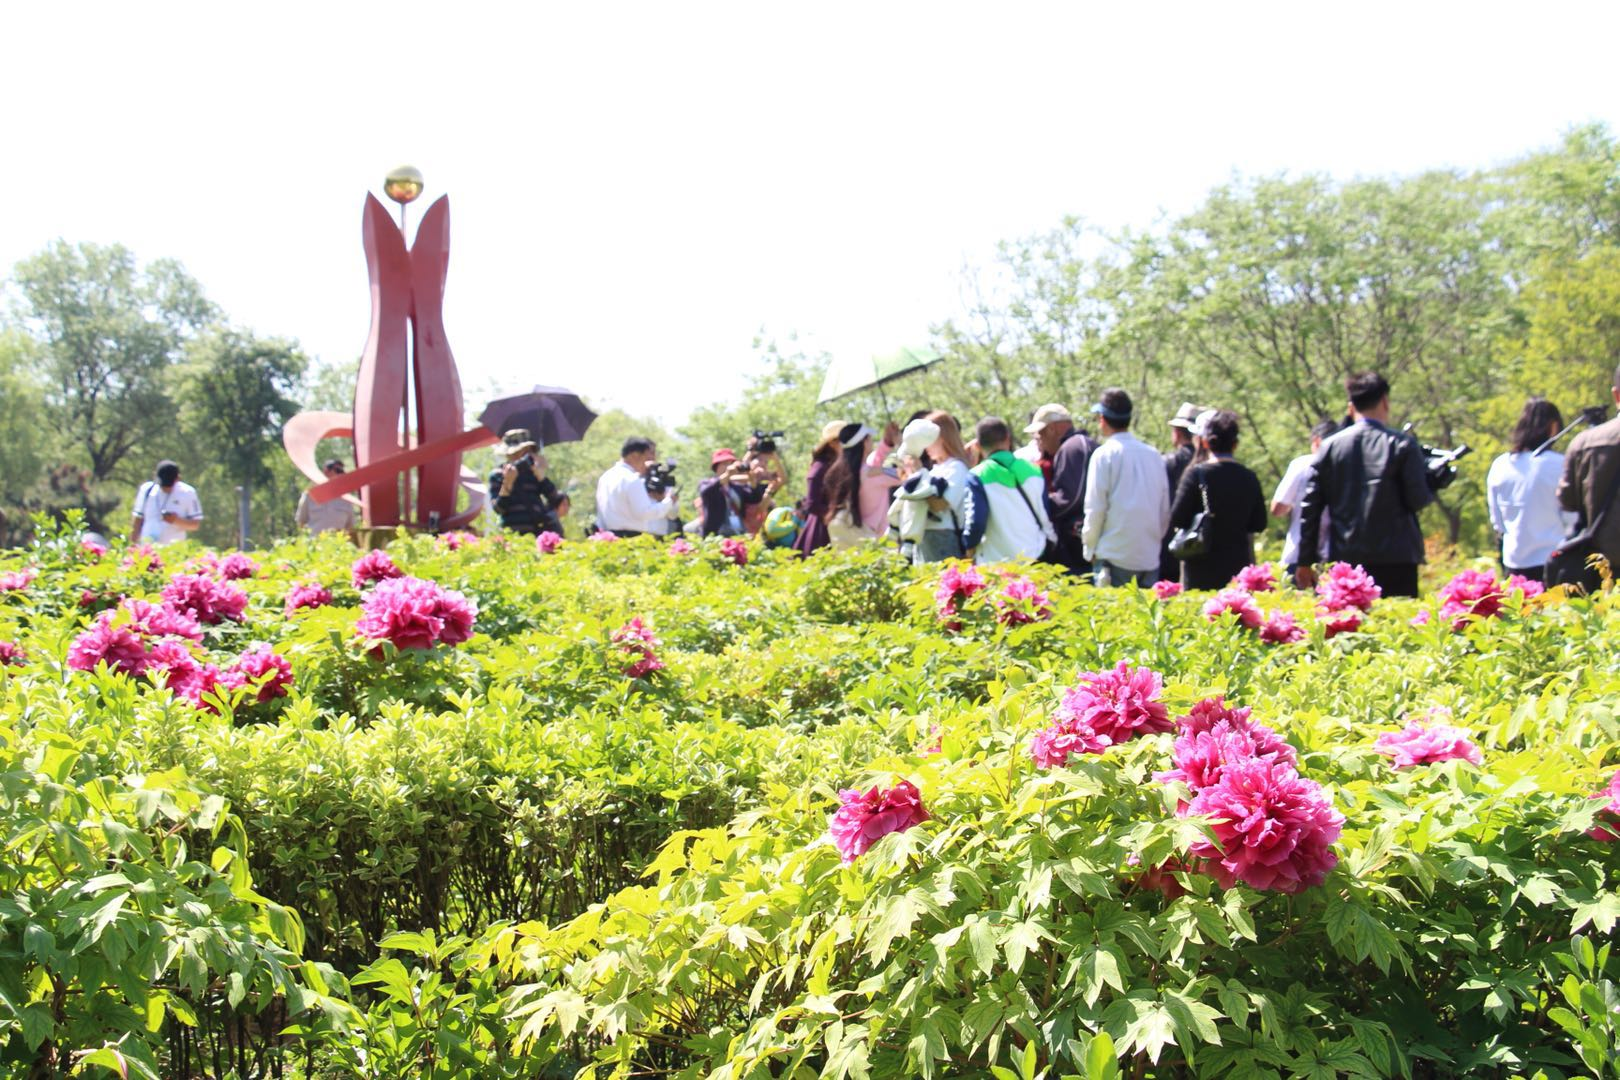 缤纷芍药 七彩洋伞 五一小长假来鄢陵中原花木博览园赏万种风情